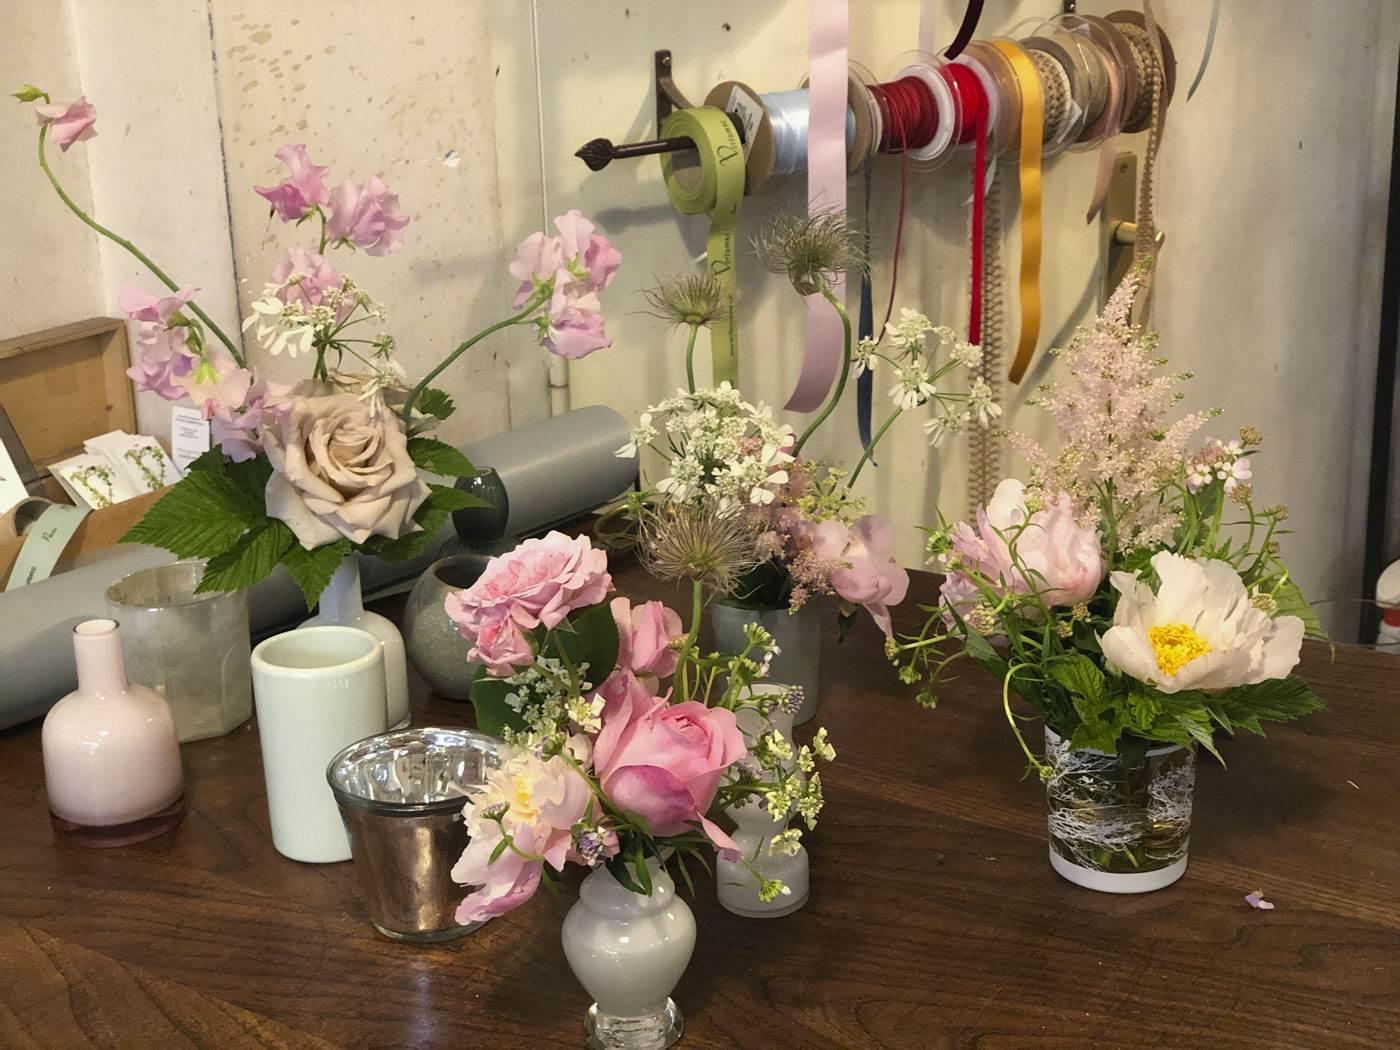 cours-art-floral-paris-bouquets-arrangement